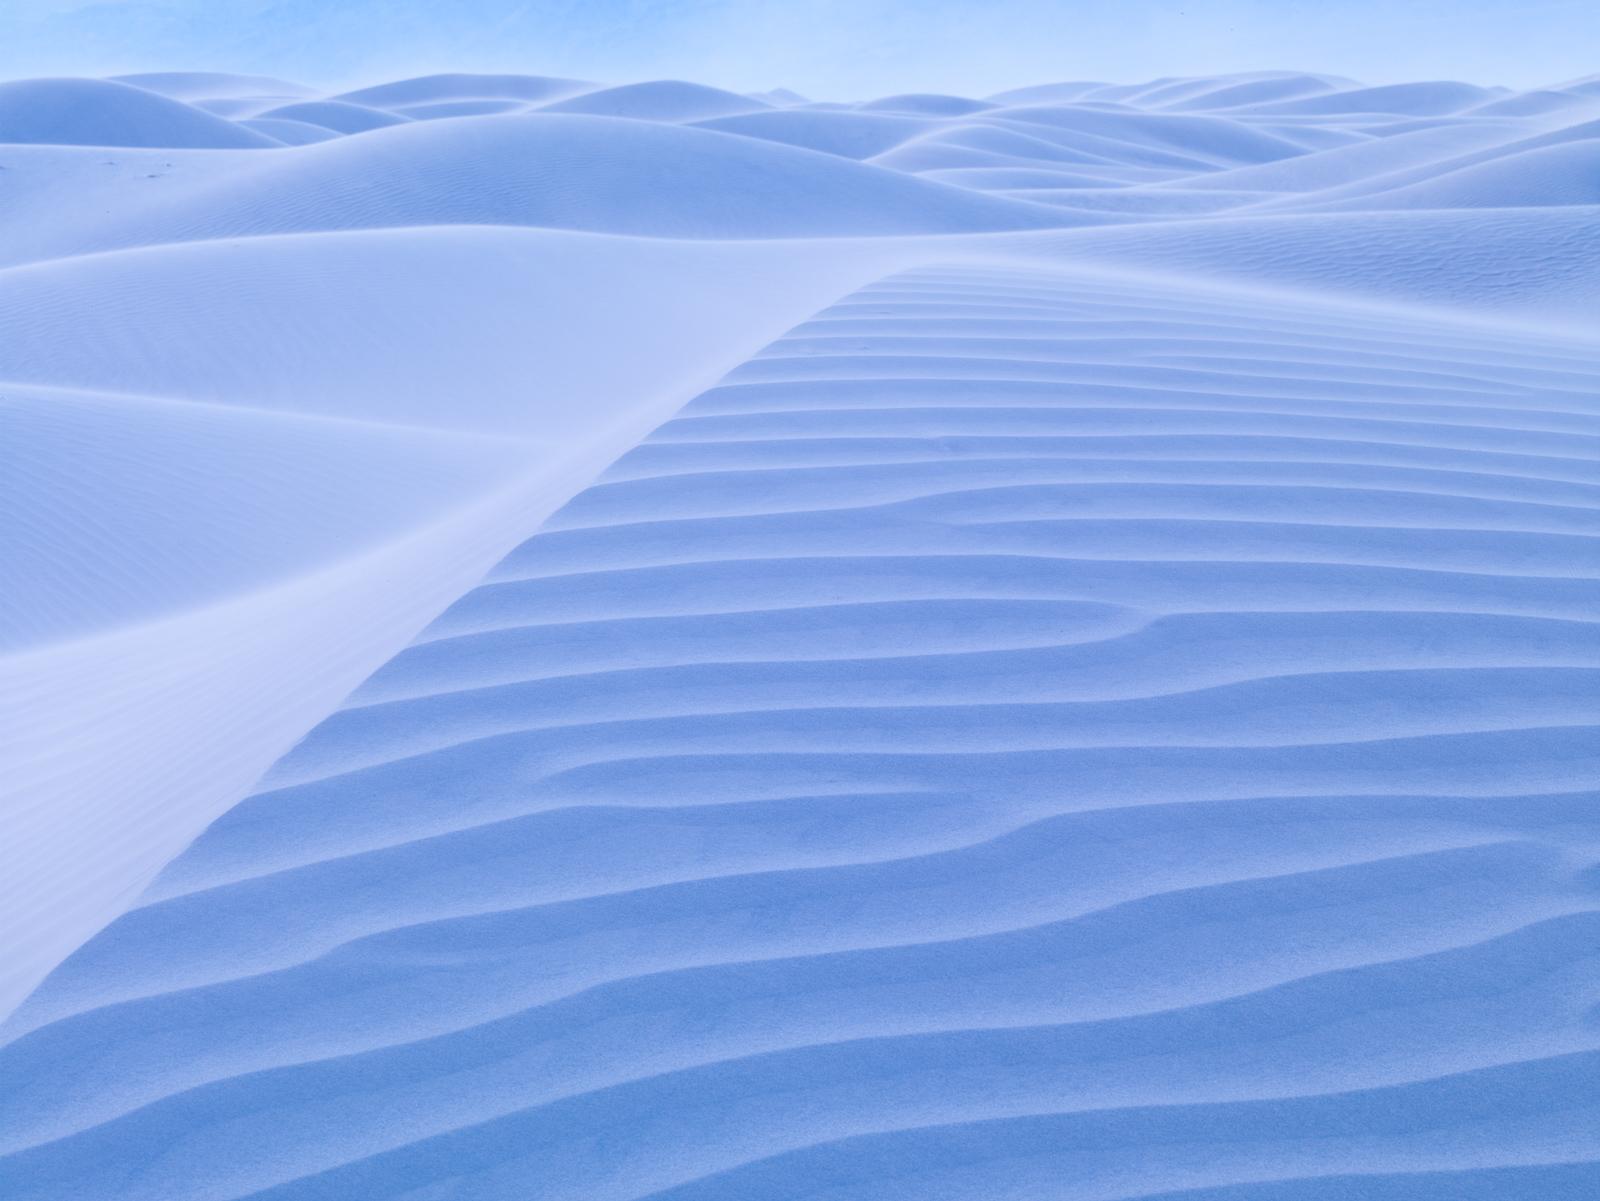 Desert Light Lingering,California,Desert,Dunes,Edited,Horizontal,blue,landscape, photo